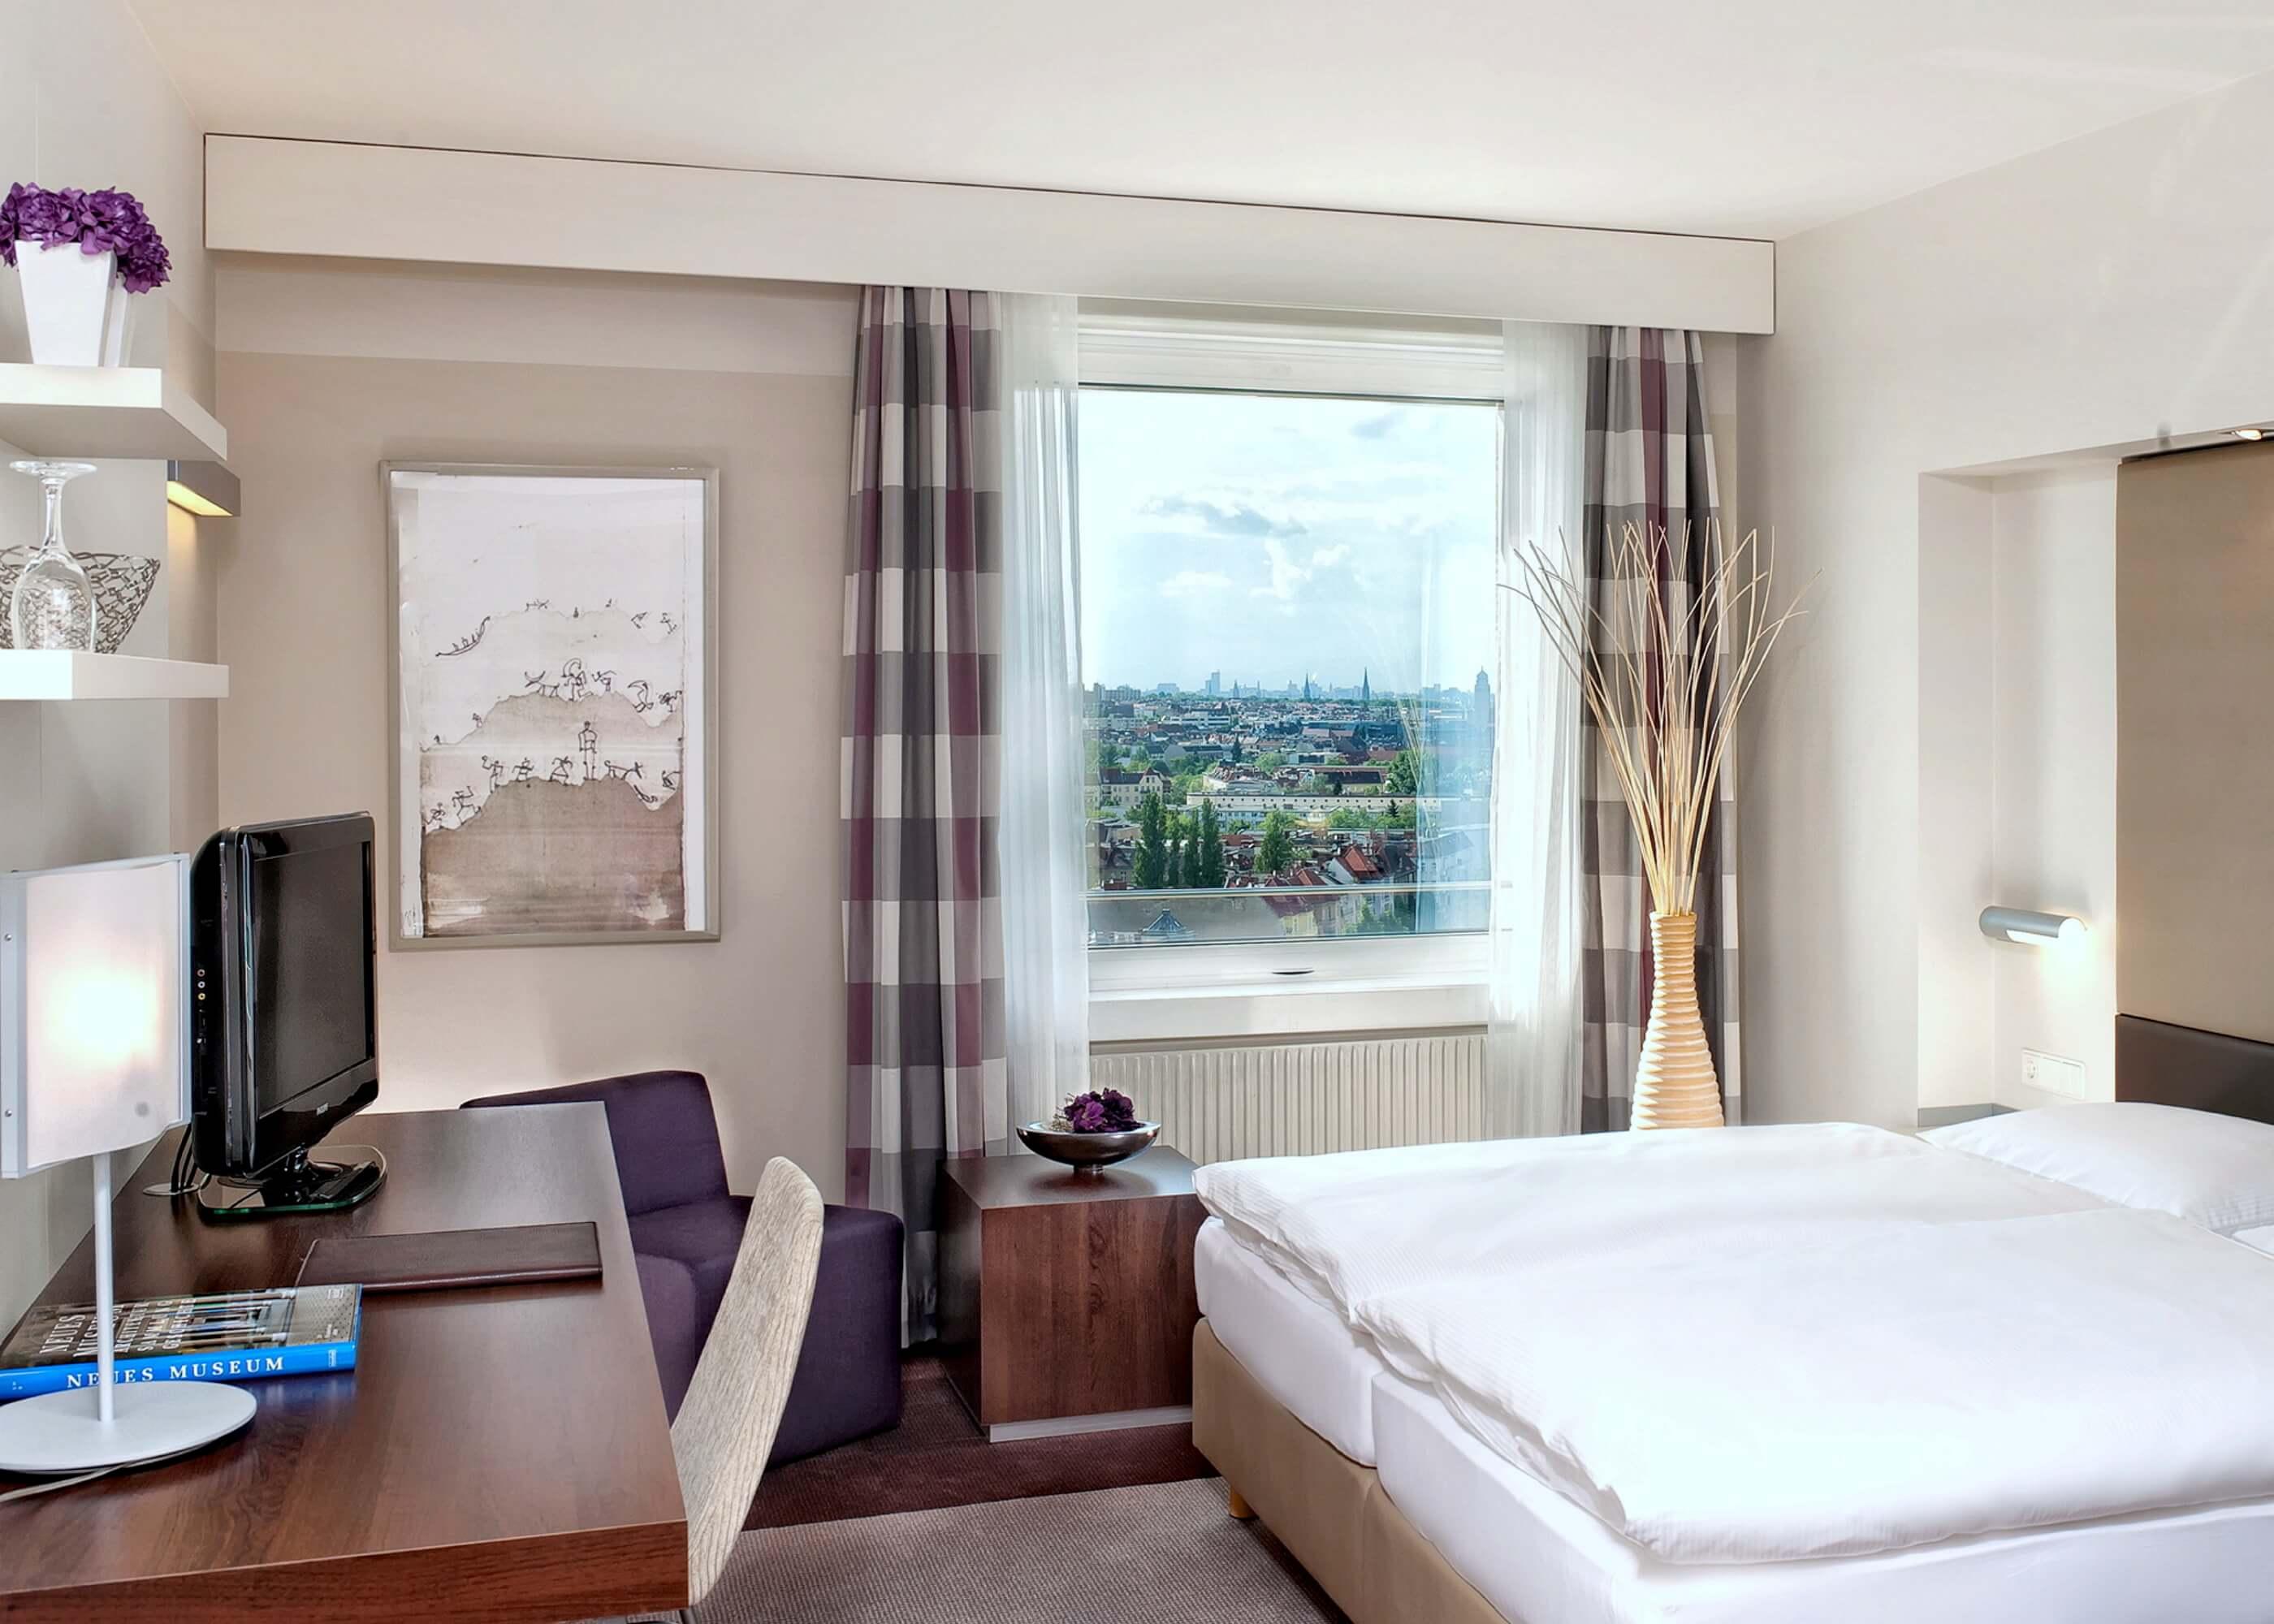 Estrel Hotel Berlin Standardzimmer